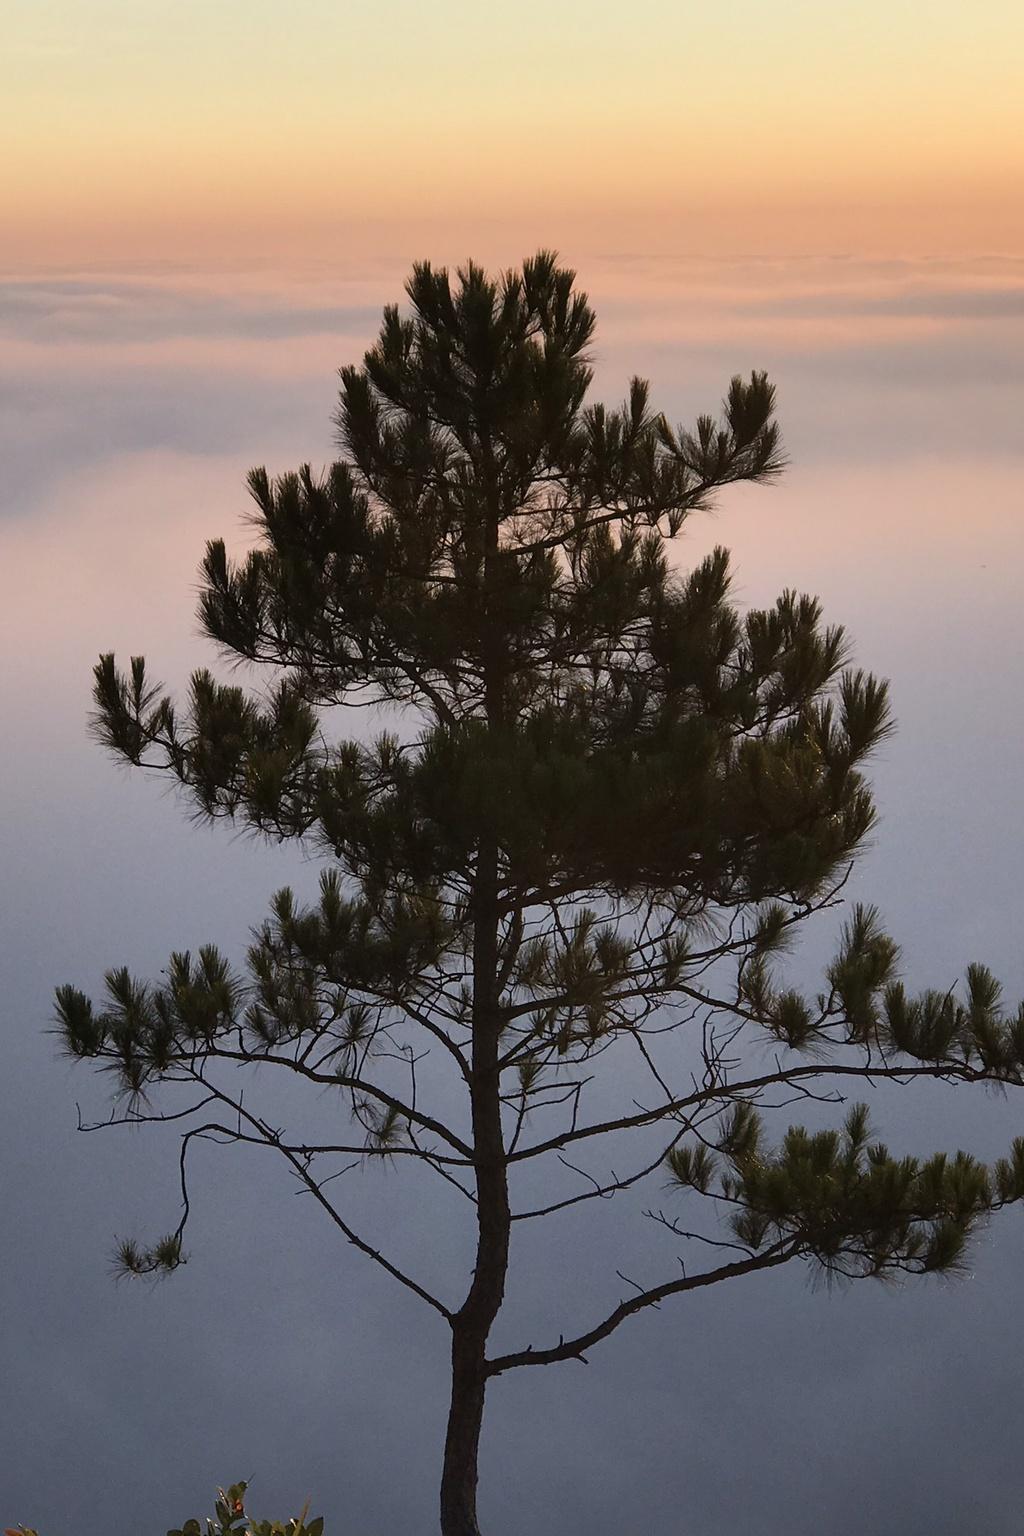 """Nhiều người may mắn săn mây thành công gọi ví đó như """"quang cảnh đẹp tựa chốn thần tiên"""". Mây trắng, bồng bềnh như dải lụa phủ kín một khoảng trời. Tùy theo ánh nắng mới của bình minh hay sắc hồng cam buổi hoàng hôn, màu mây cũng biến đổi đẹp khôn lường. Cái lạnh tê tái trong buổi săn mây là trải nghiệm khiến nhiều du khách nhớ mãi."""